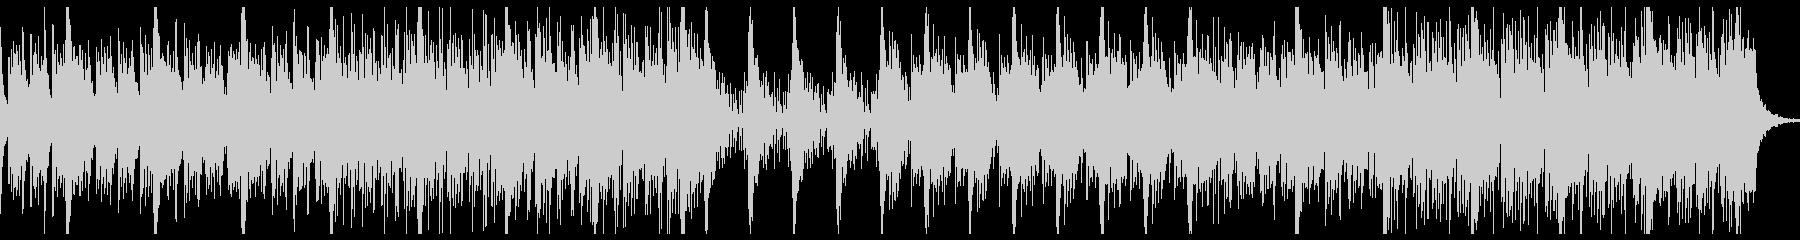 打楽器が強調されたスリリングなBGMの未再生の波形